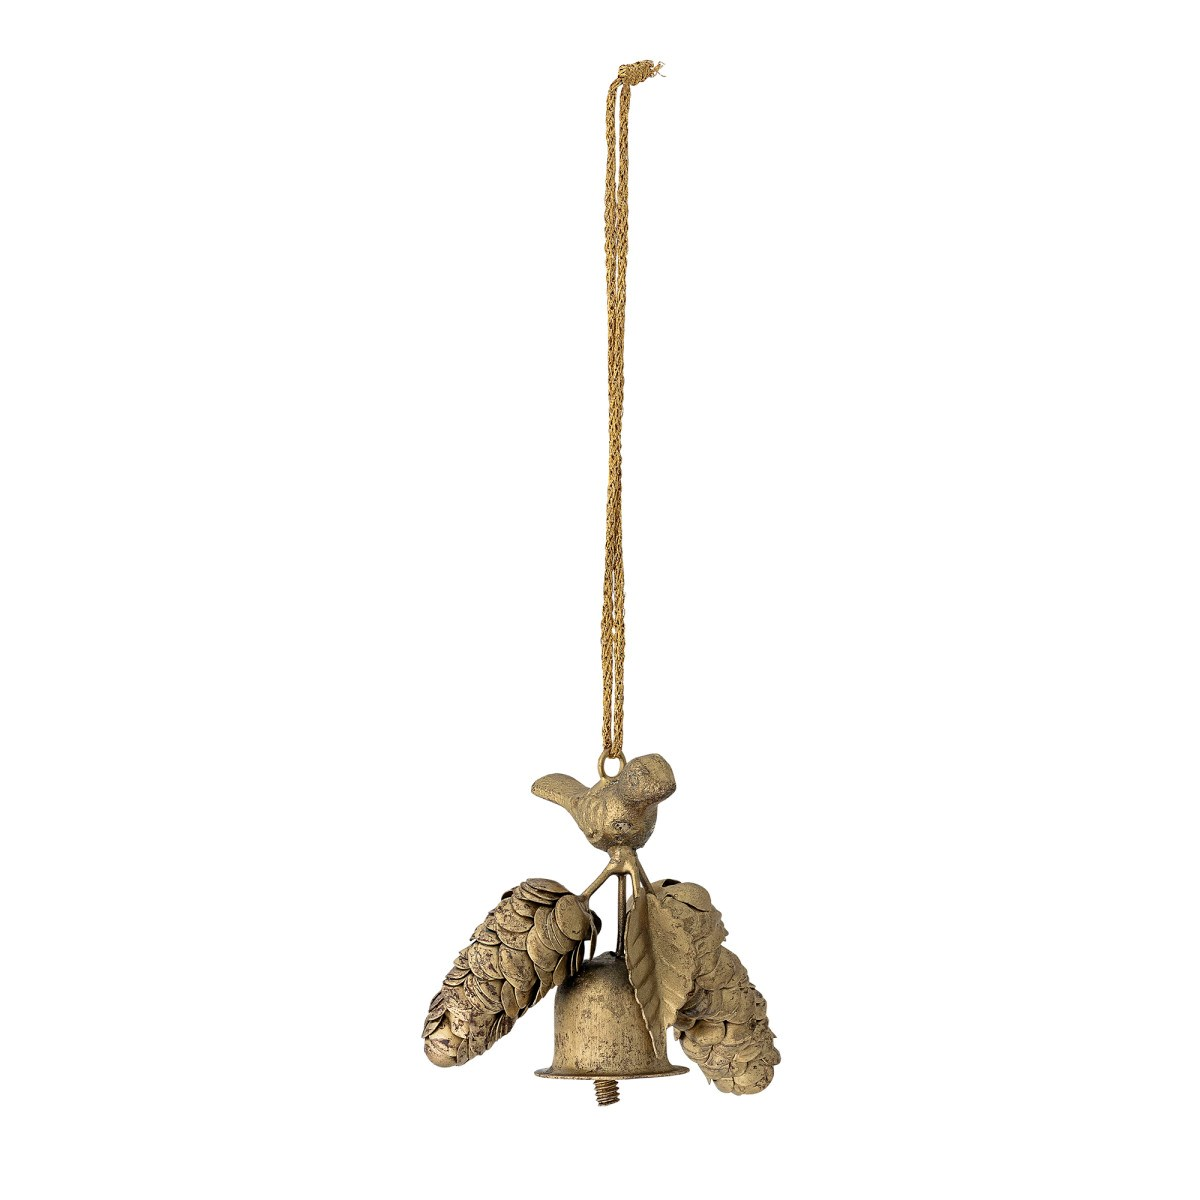 Kovová dekorace na zavěšení zlatá 9,5x7,5x5 cm_1